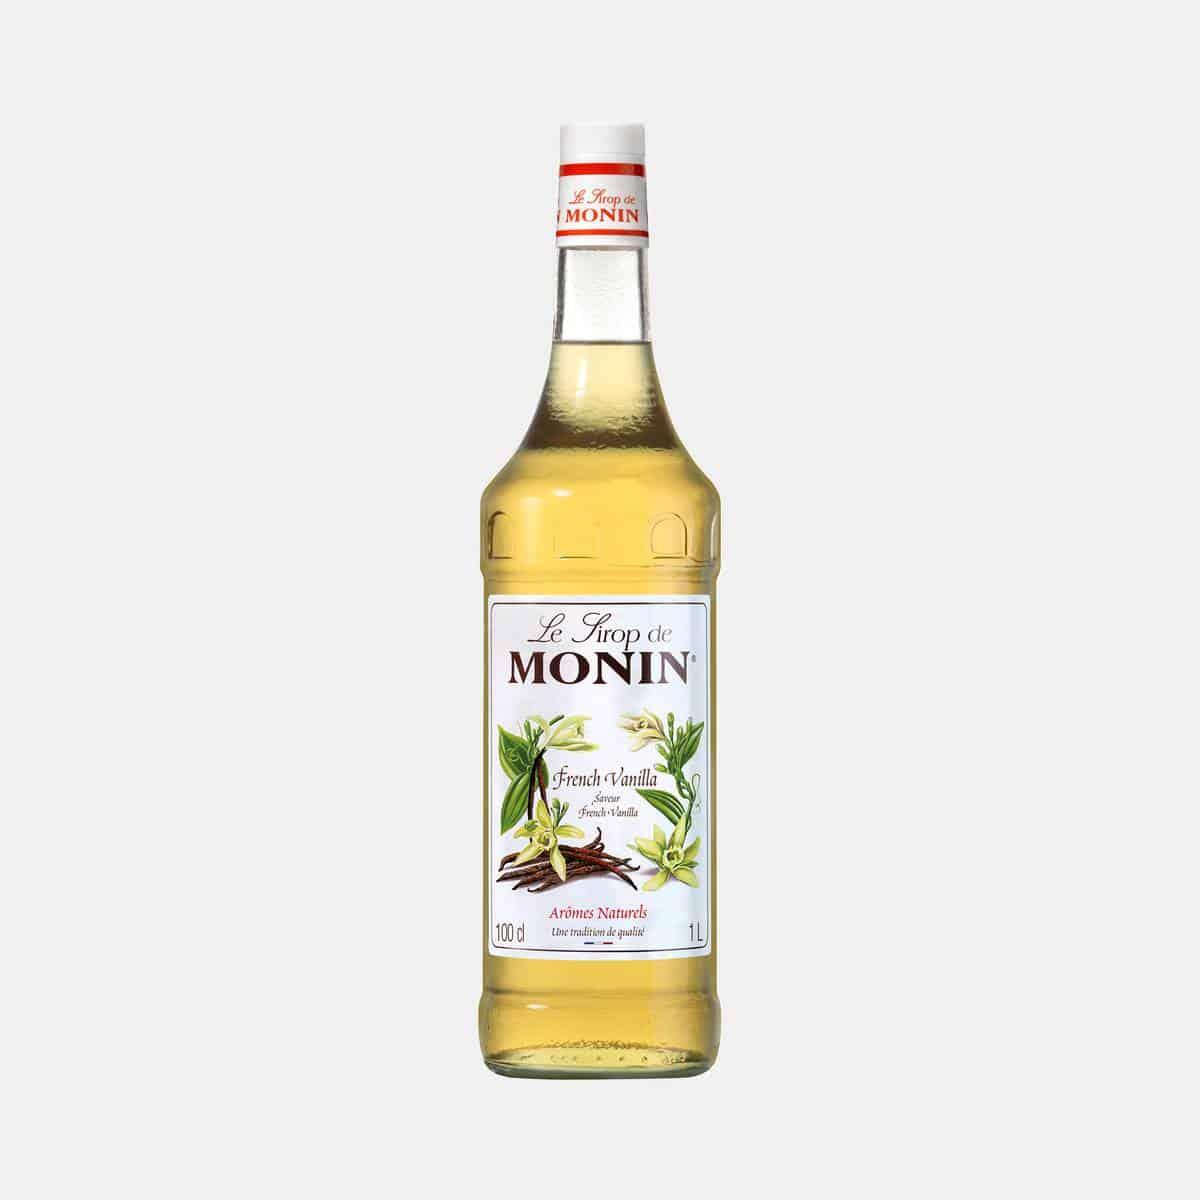 Monin French Vanilla Syrup 1 Liter Bottle